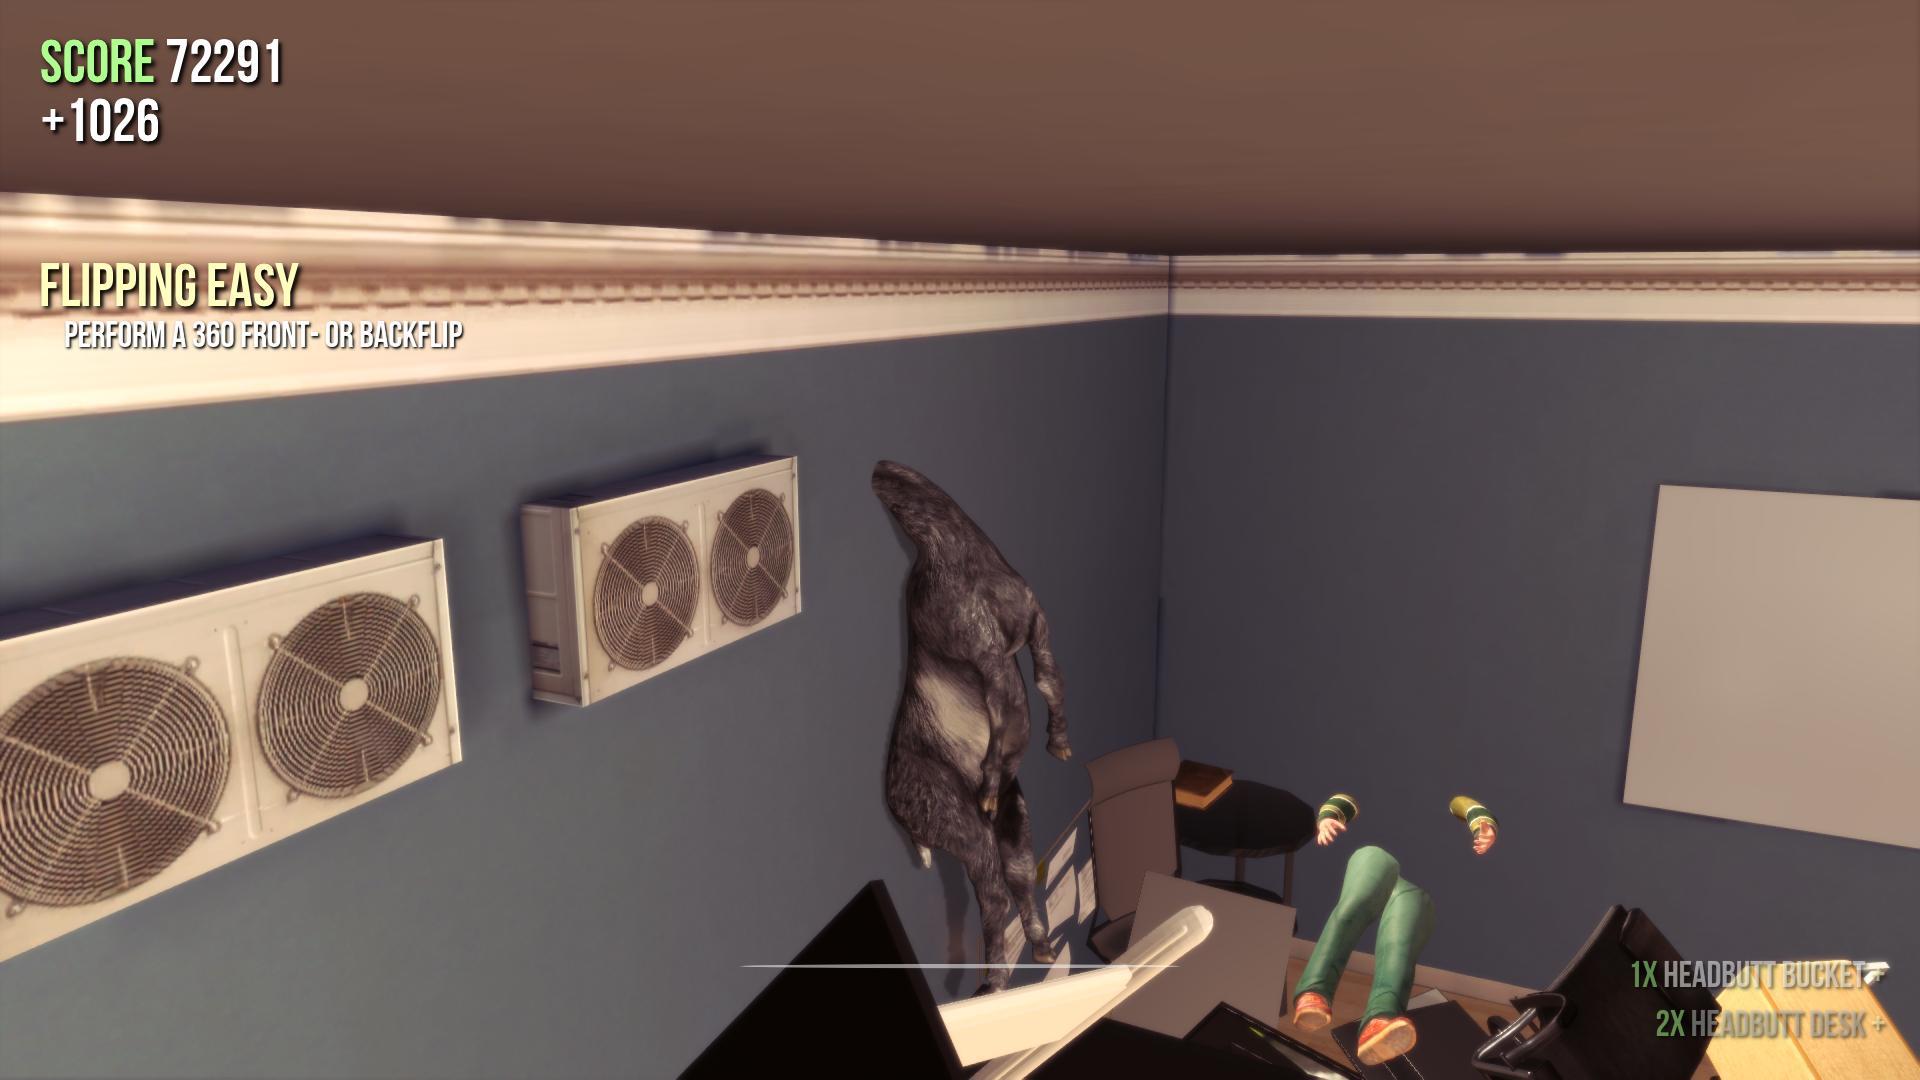 Ziegensimulator - Dumme Bugs.jpg